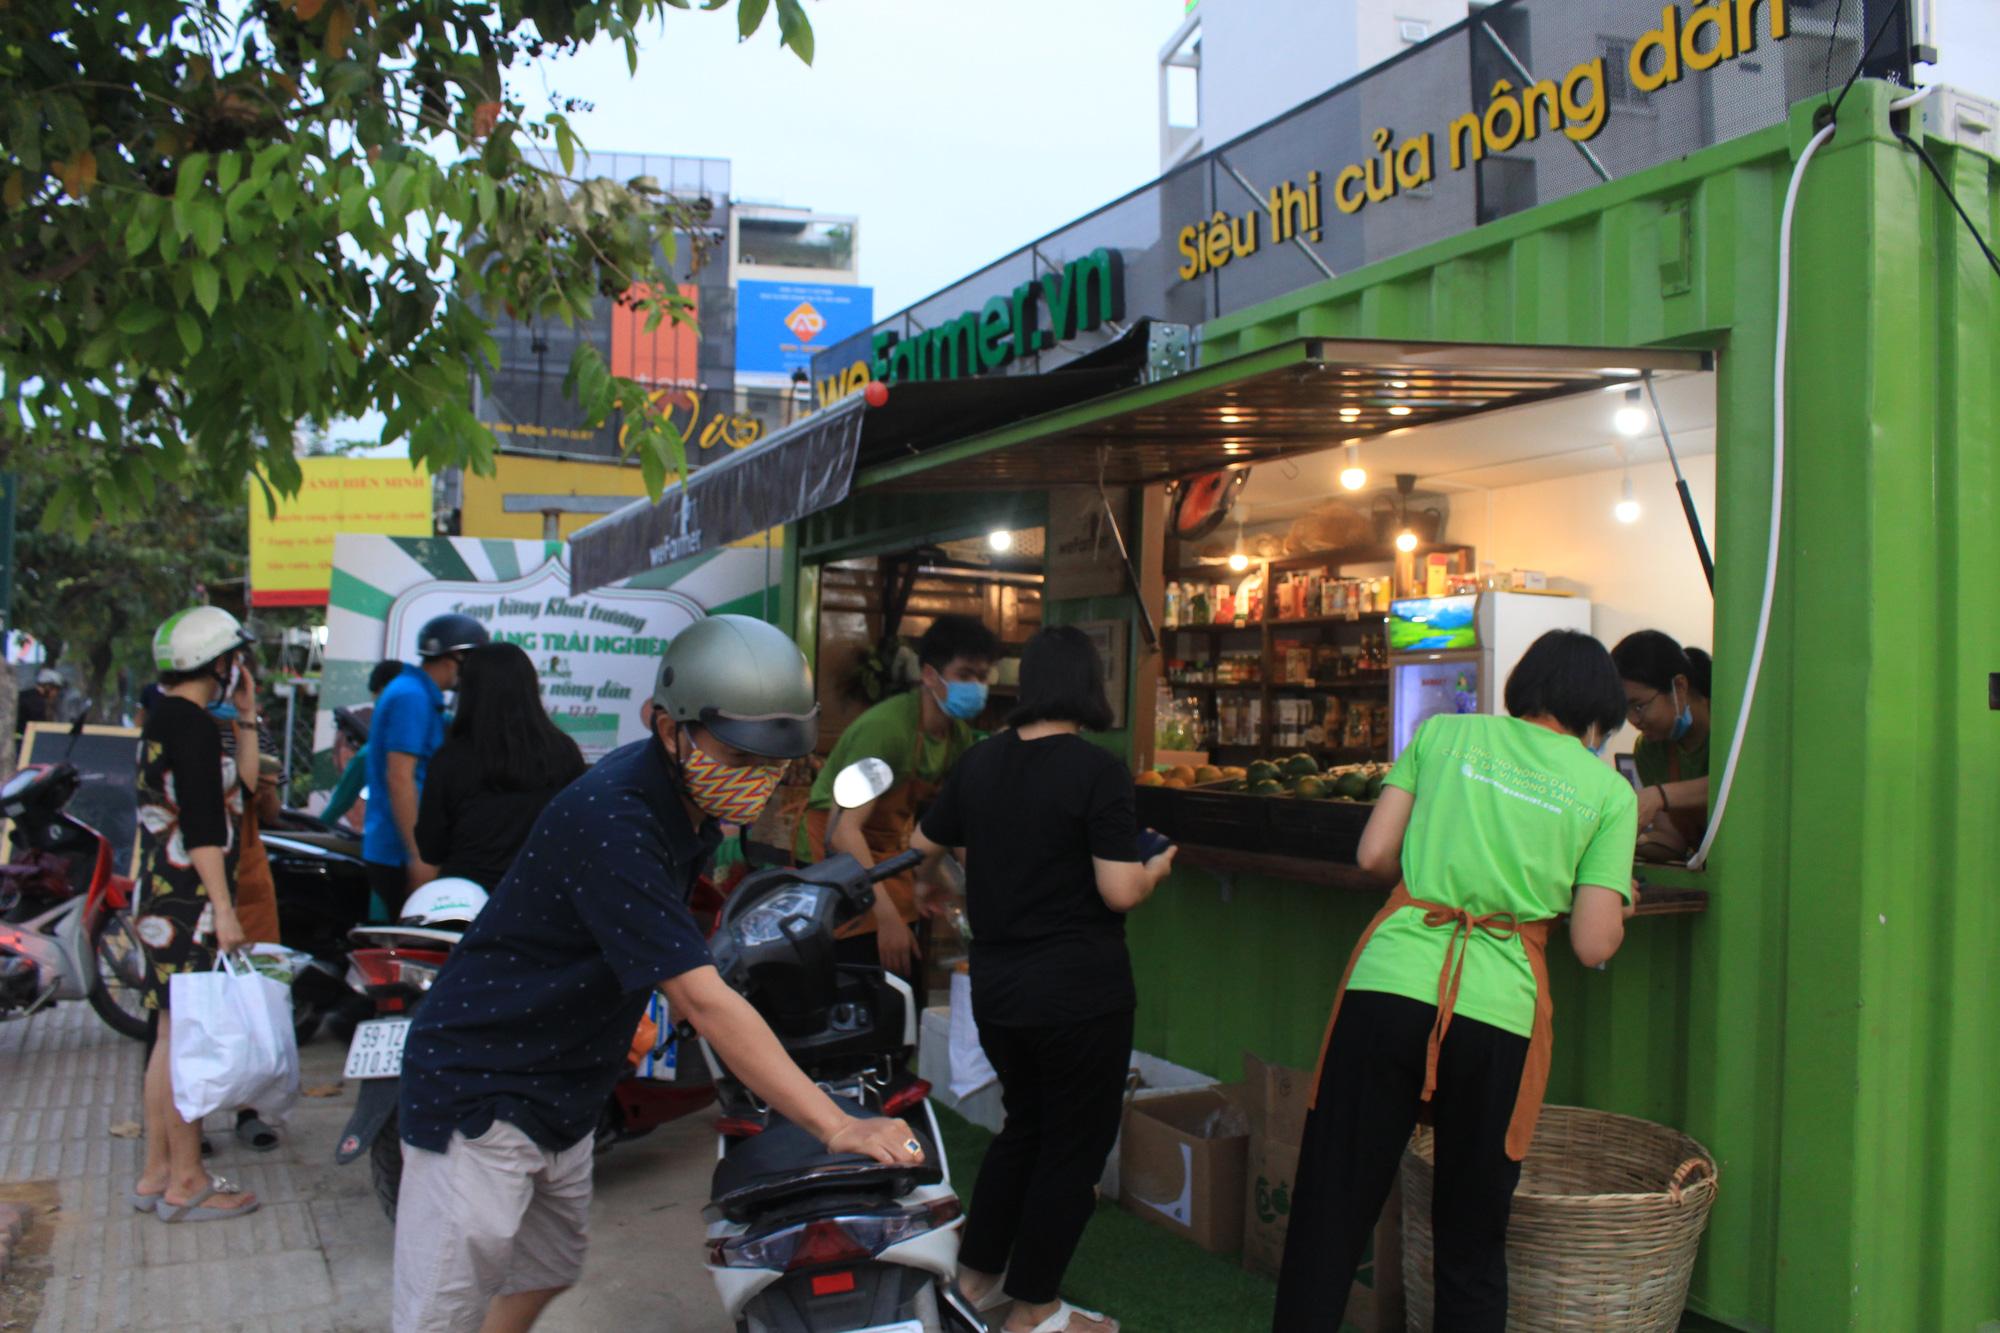 Siêu thị của nông dân đầu tiên ở Sài Gòn có gì, mà vừa mở bán, thanh long, cam canh đã bị mua sạch? - Ảnh 1.